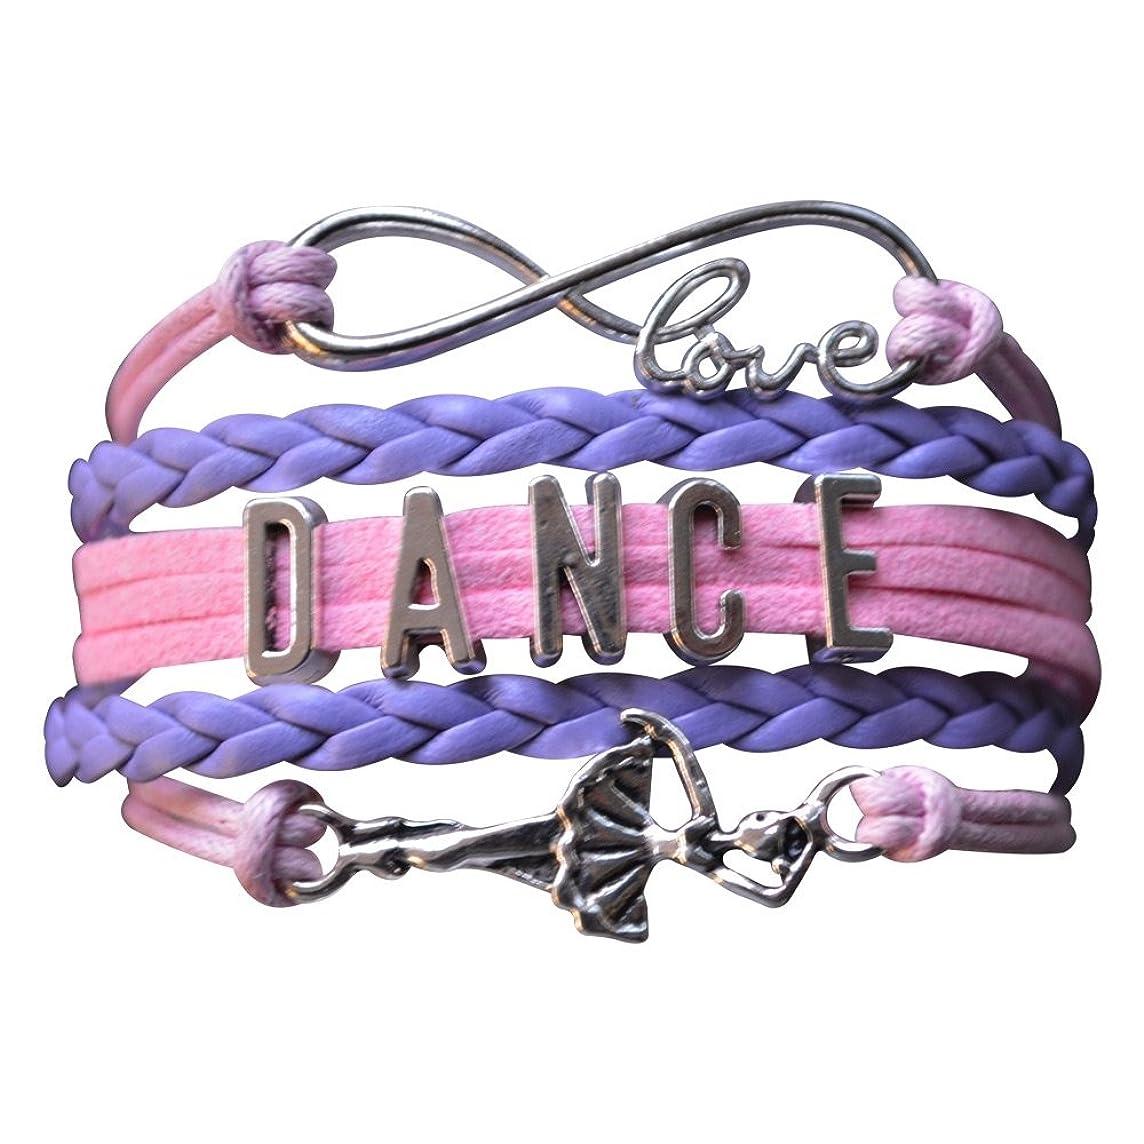 Infinity Collection Dance Bracelet- Dance Jewelry -Ballerina Charm Bracelet for Dance Recitals & Dancers, Dance Moms & Dance Teachers